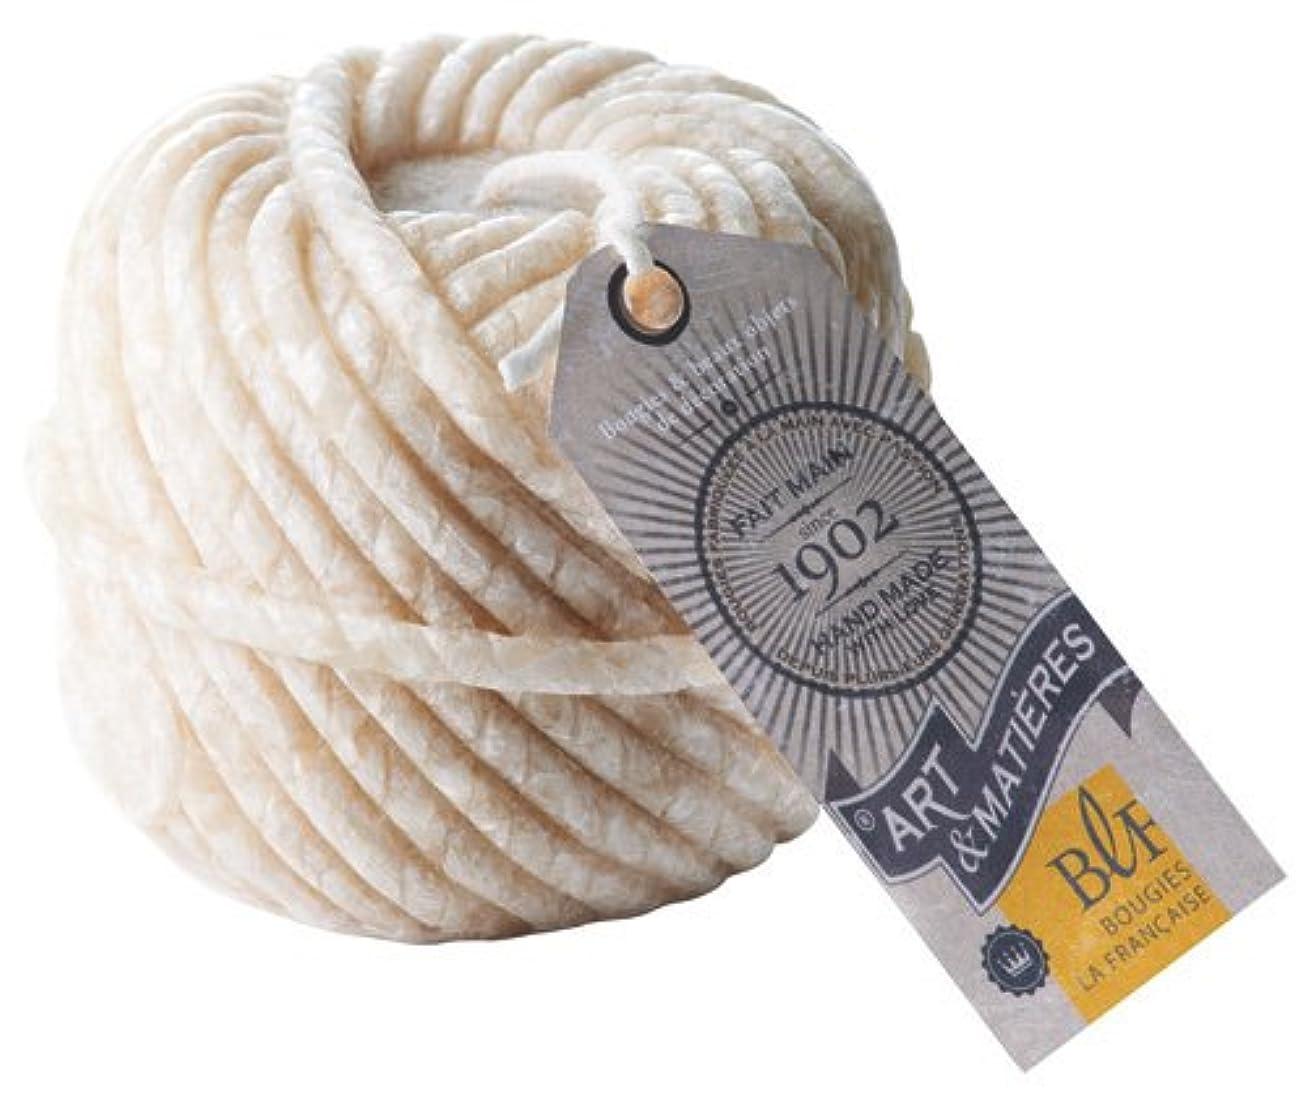 工業用梨特権ブジ?ラ?フランセーズ 本物の毛糸玉のような ウールボールキャンドル ホワイト